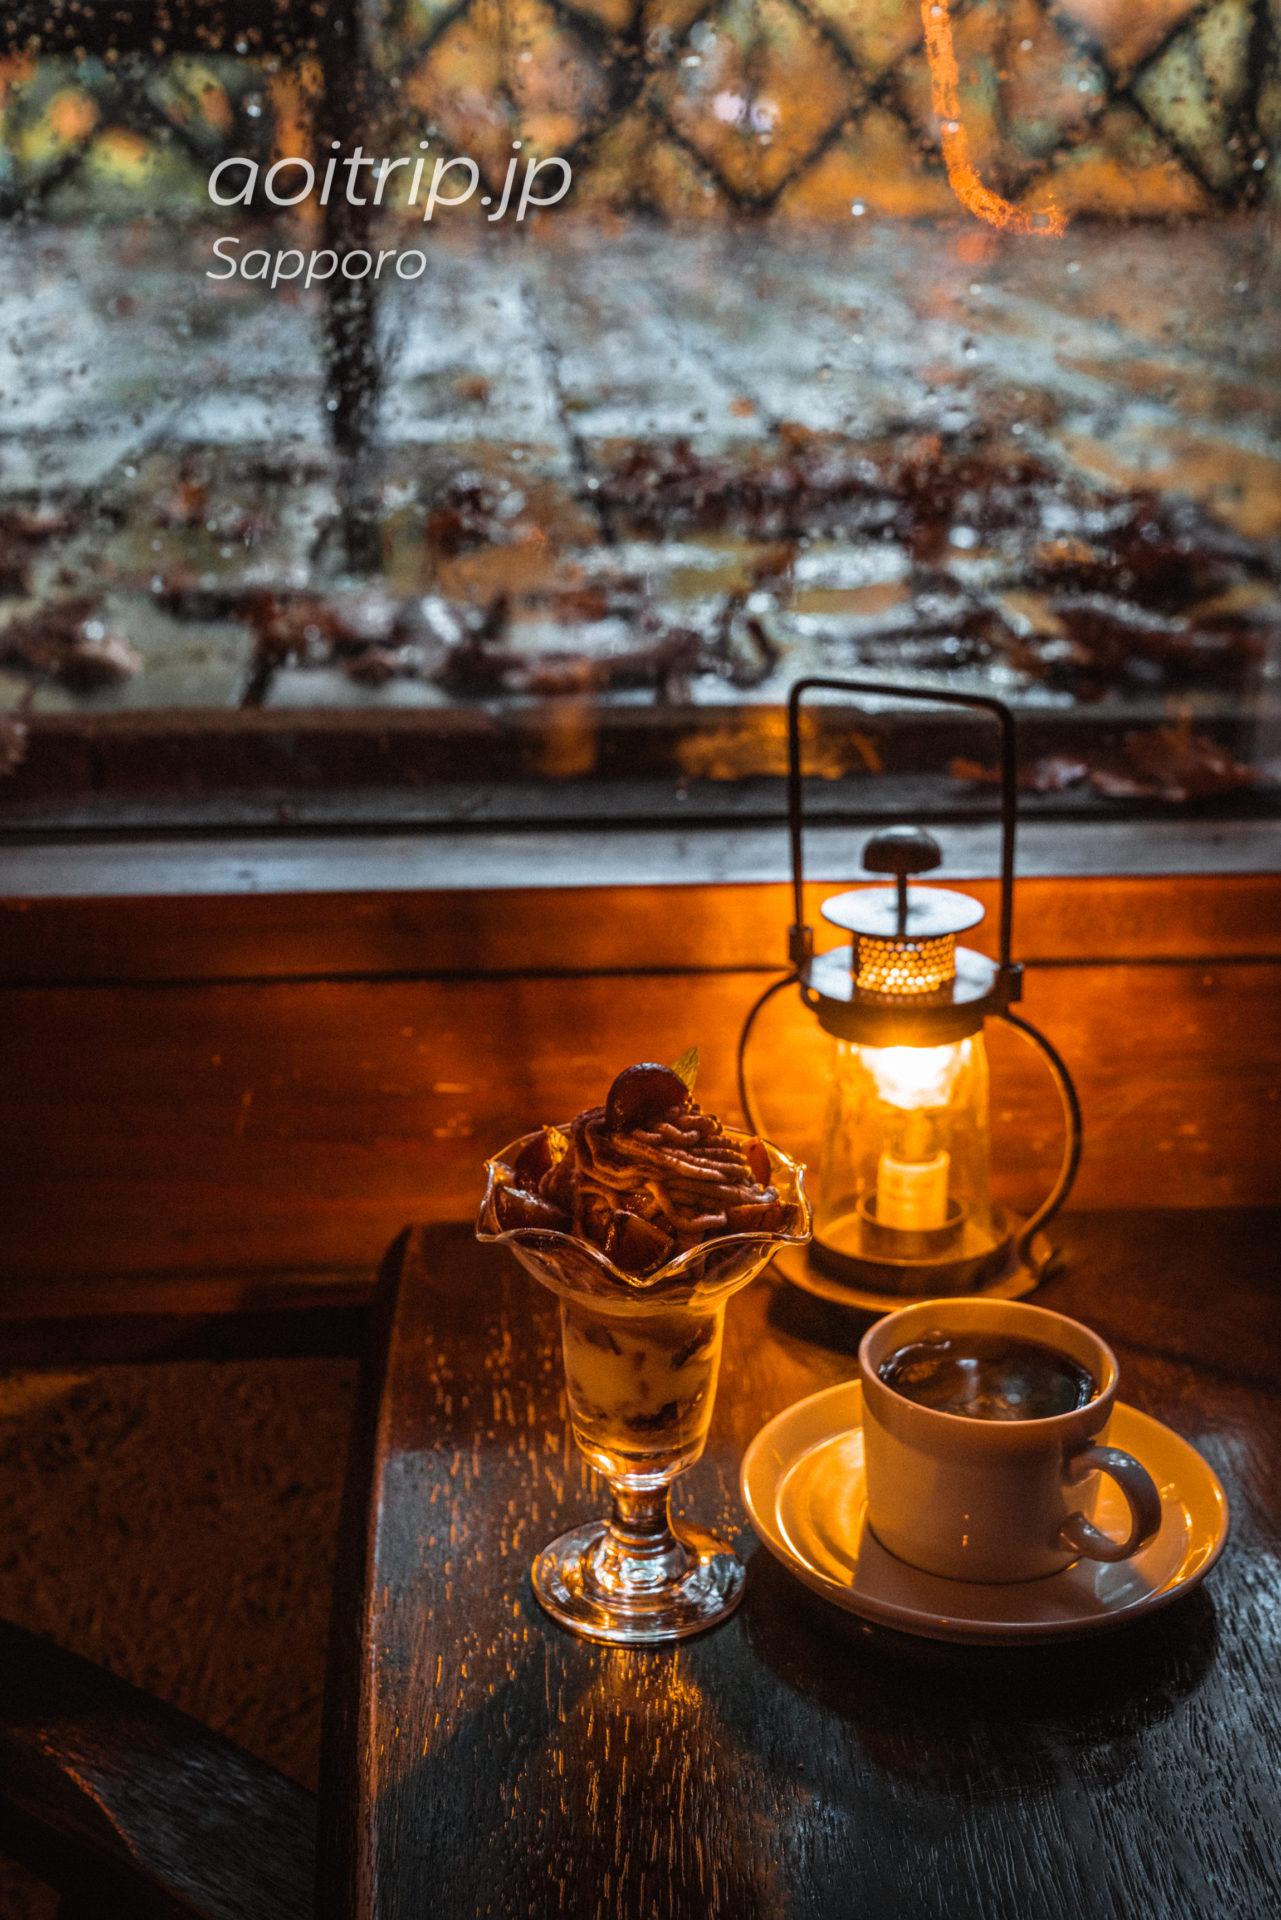 花論珈琲茶房(Karon Coffee Sabo)藻岩本店の